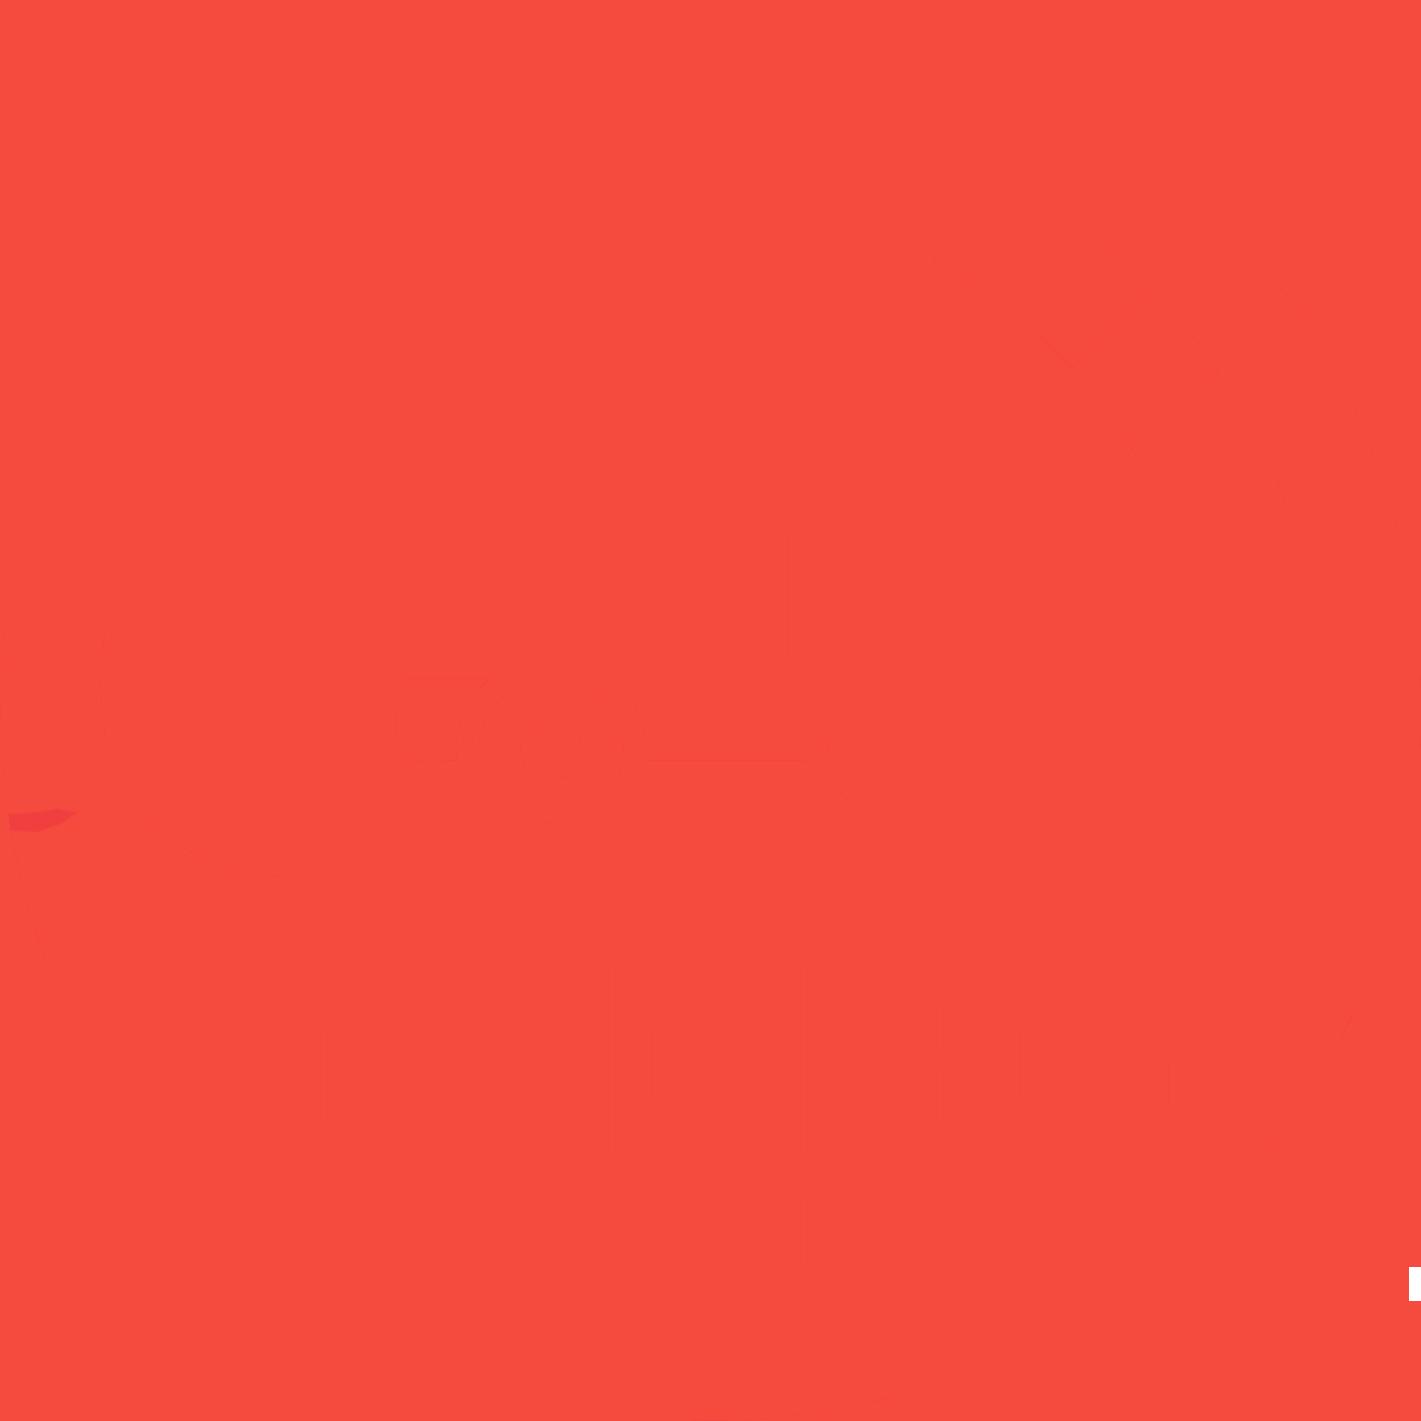 Stroški za prevoznike – obvezna vgradnja pametnih tahografov